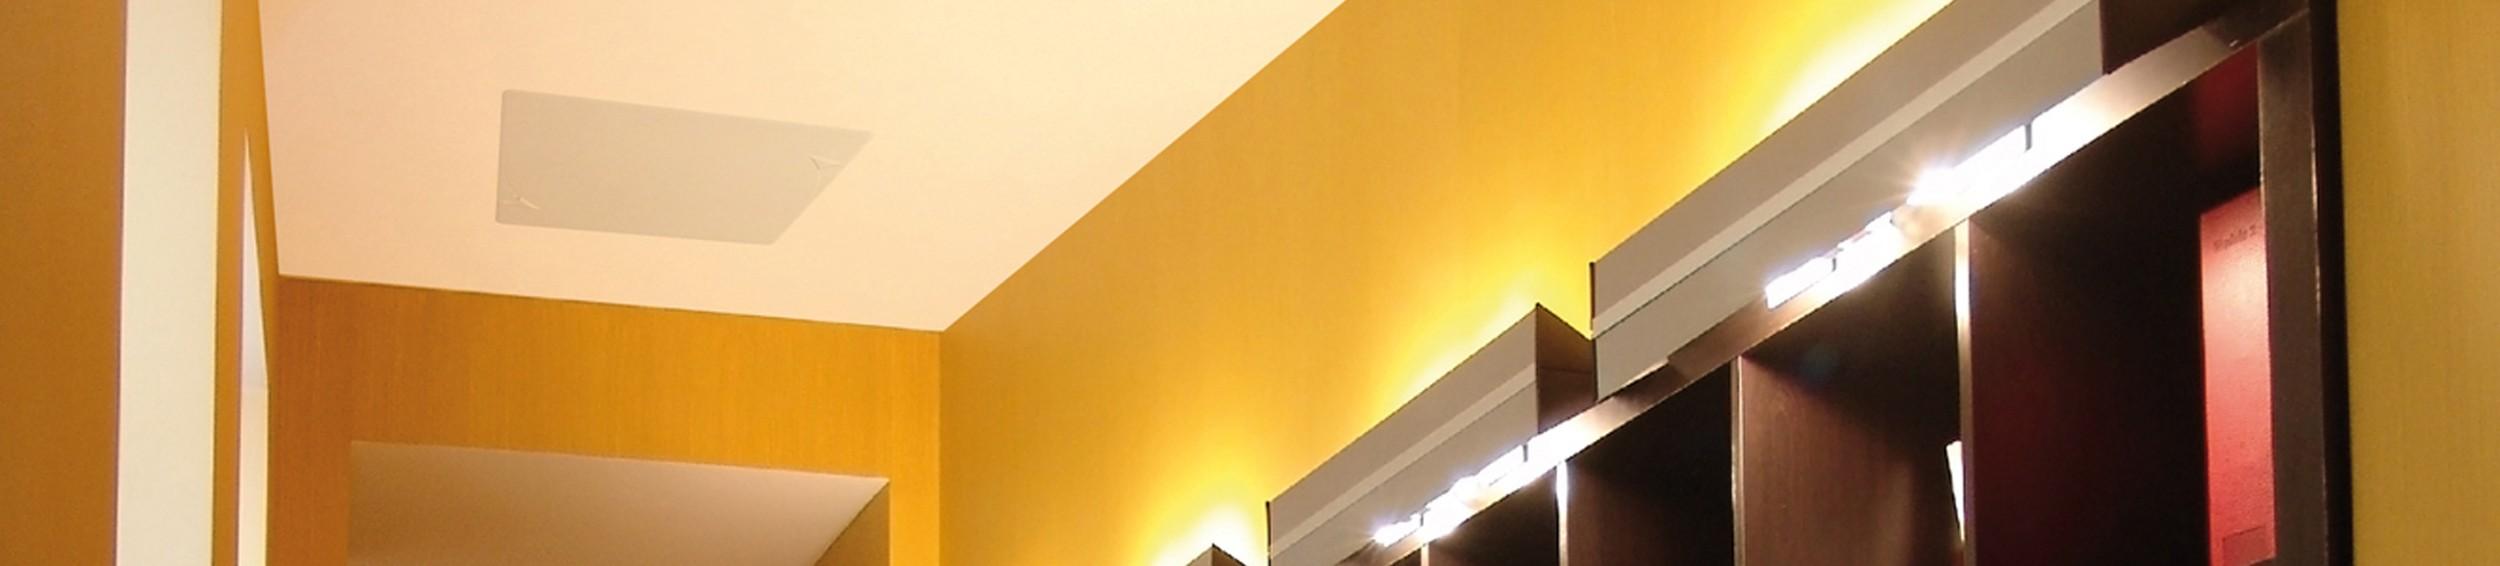 trappes de plafond et visite pour b timents nicoll. Black Bedroom Furniture Sets. Home Design Ideas